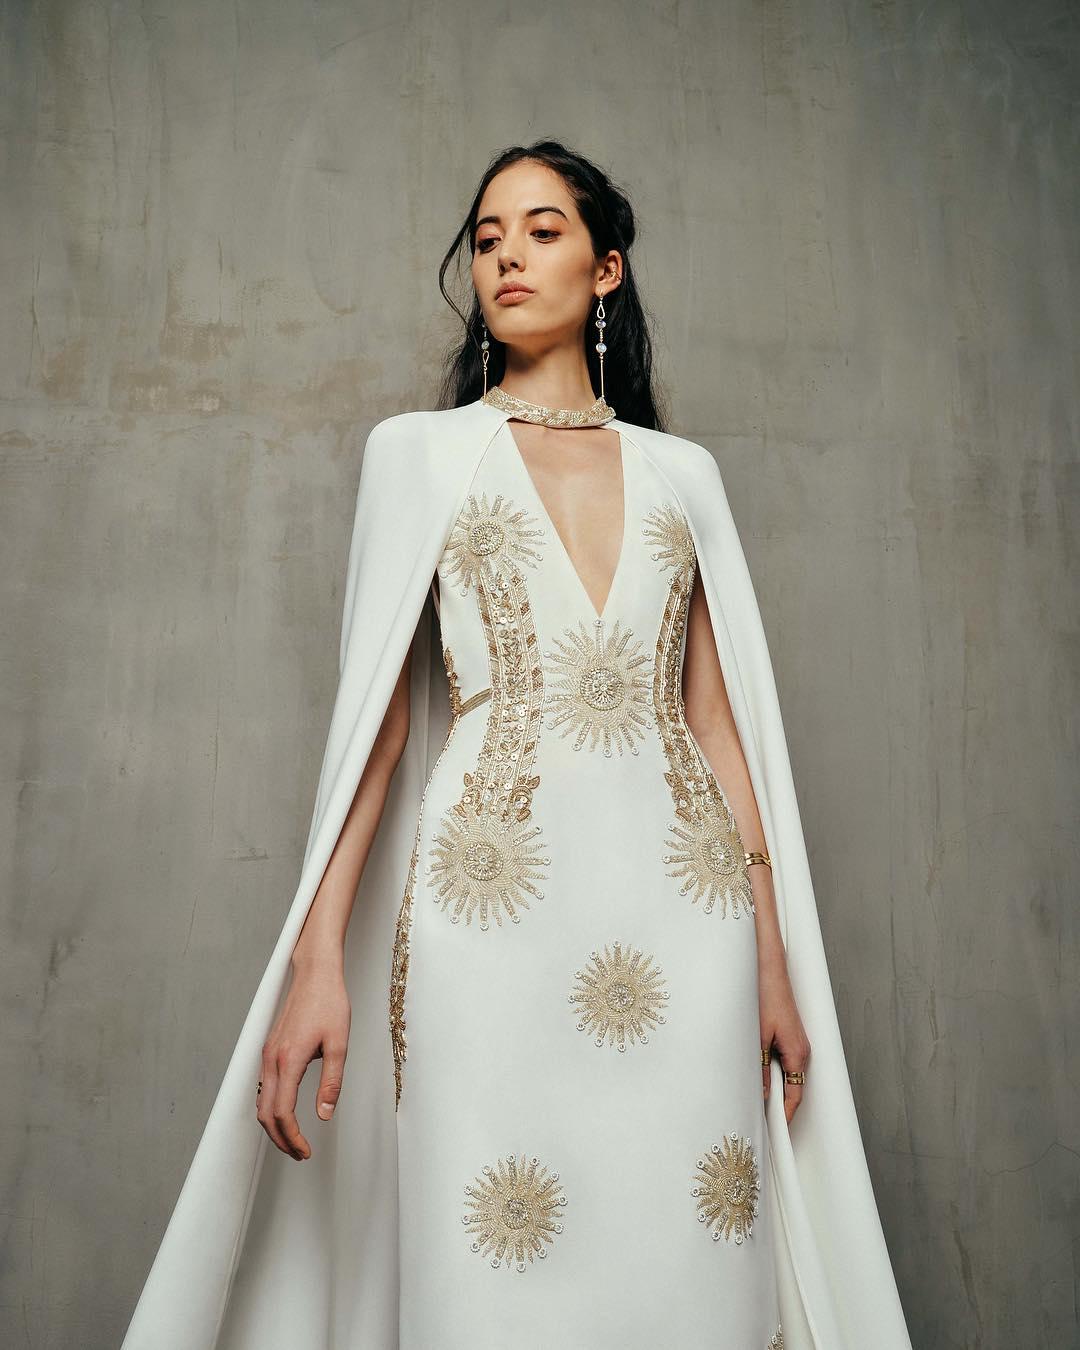 Дизайнеры свадебных платьев, о которых вы не слышали-Фото 5